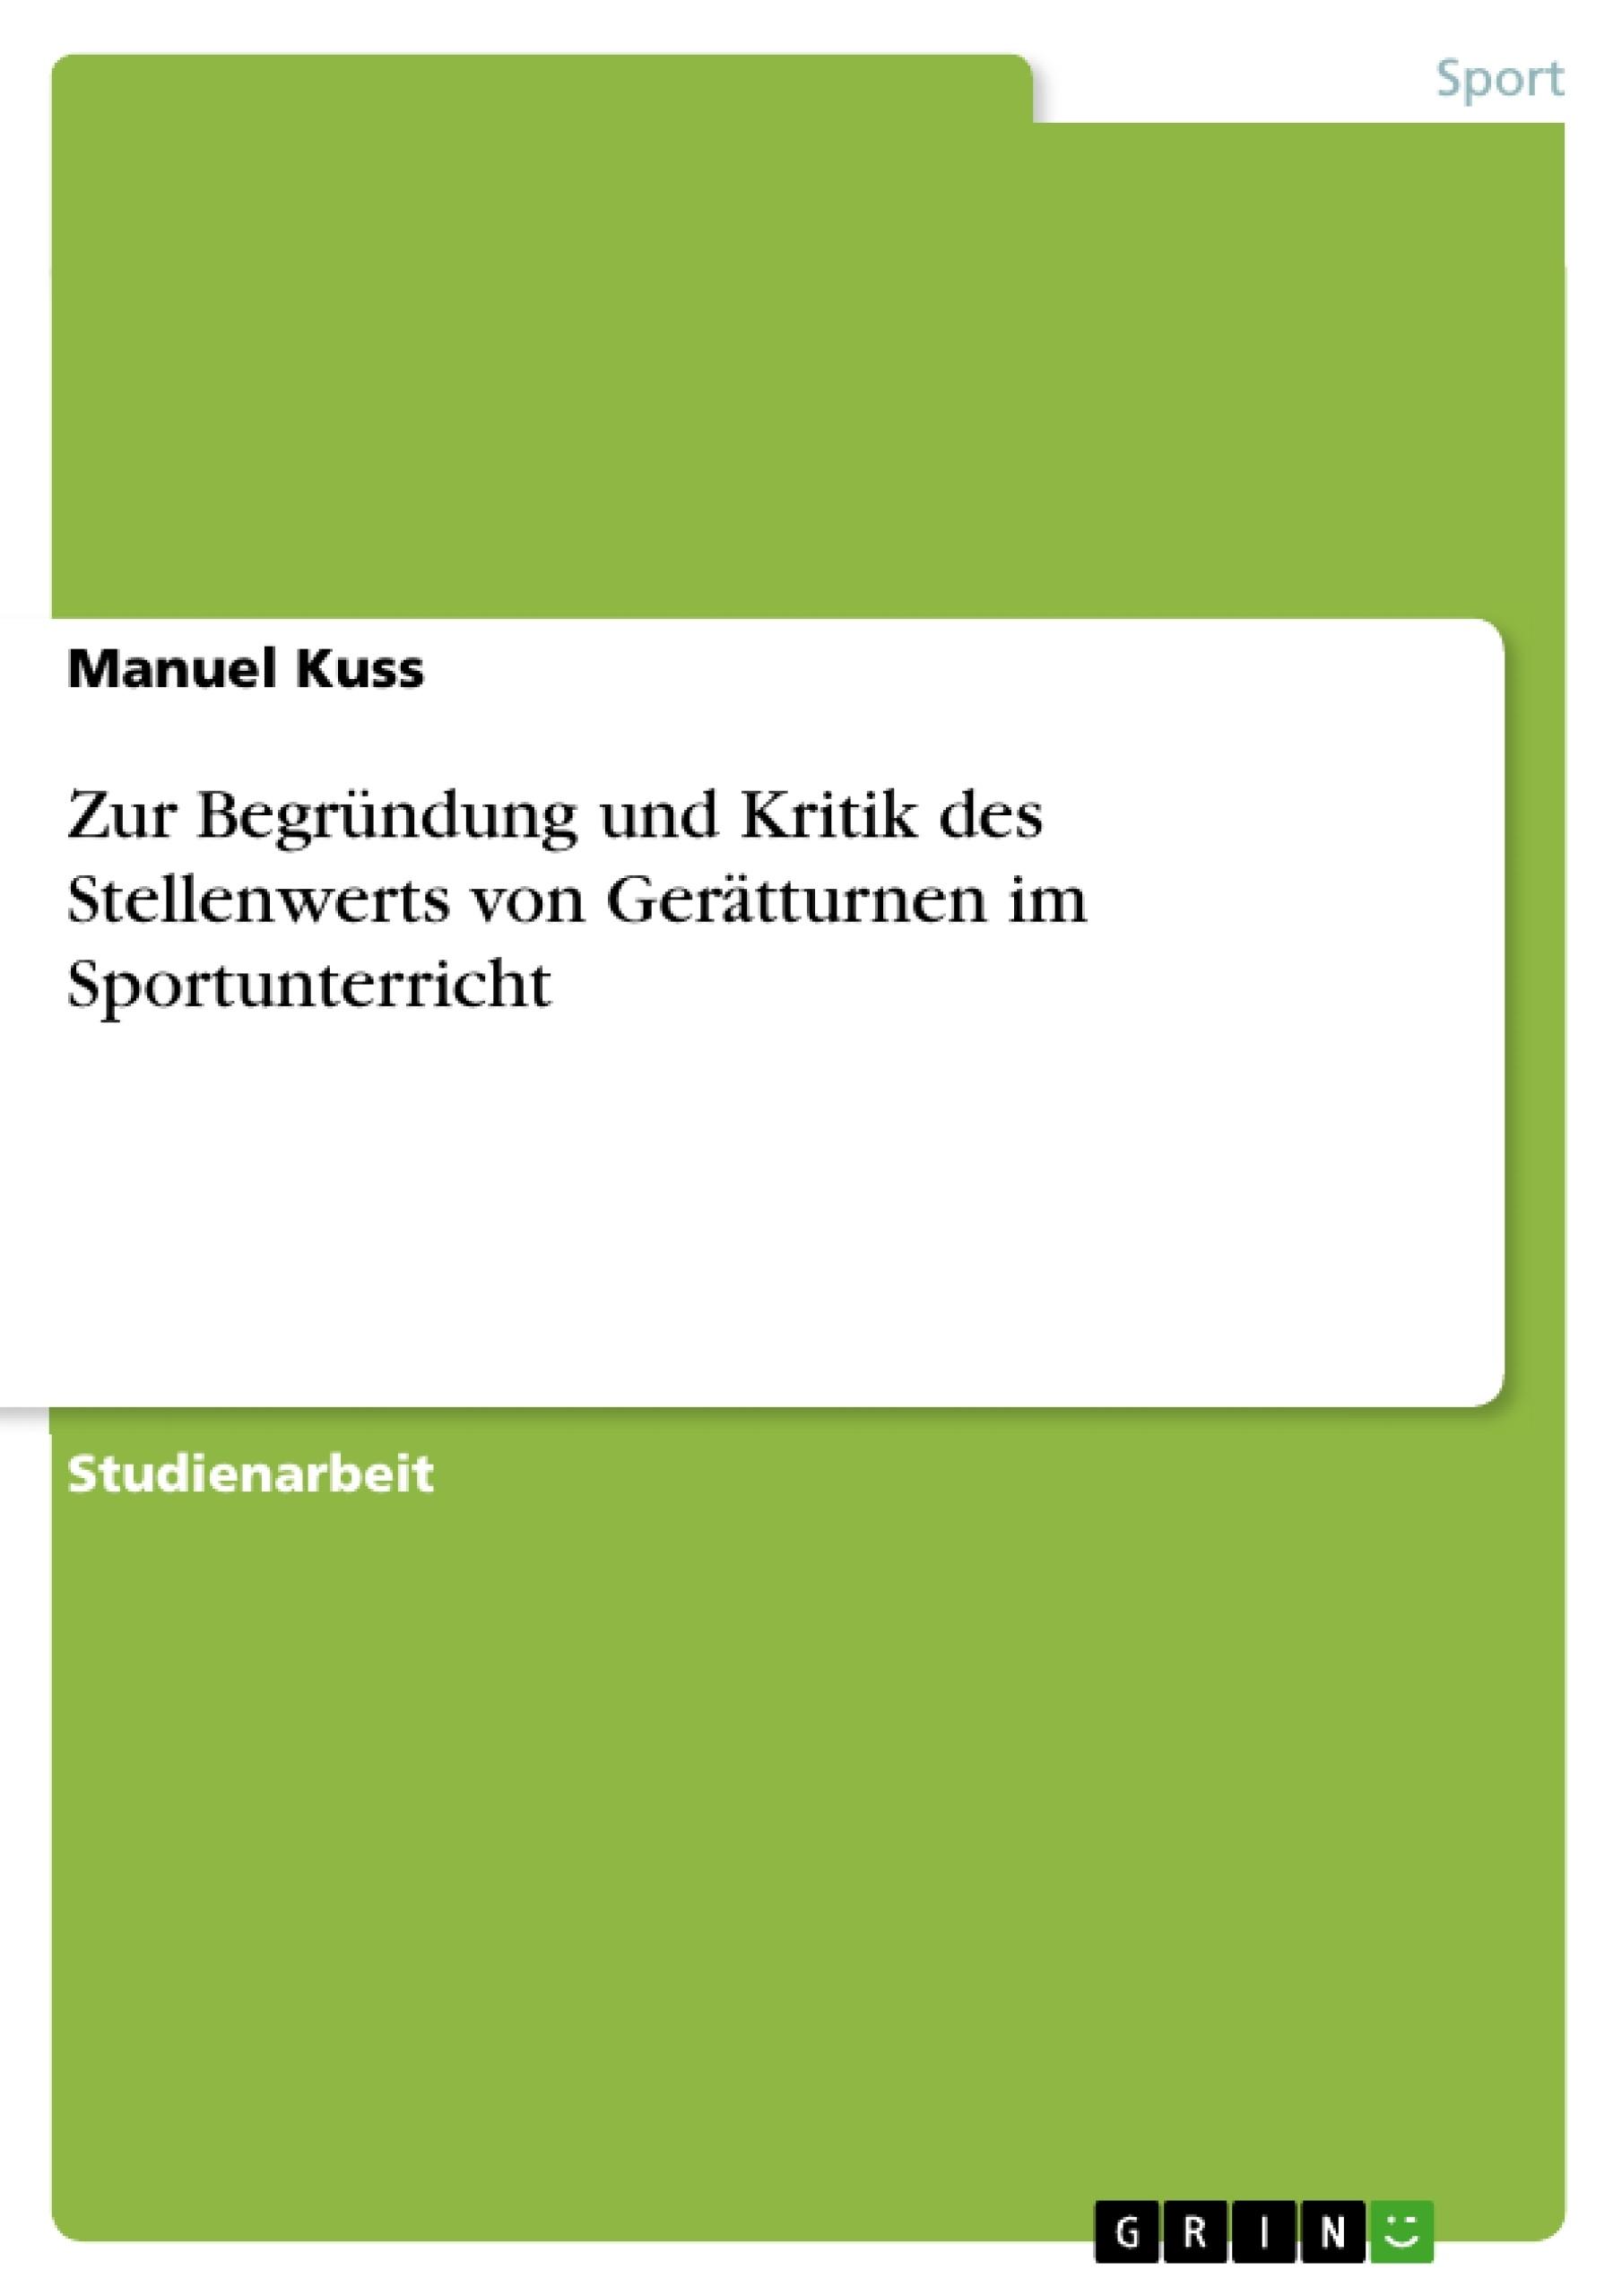 Titel: Zur Begründung und Kritik des Stellenwerts von Gerätturnen im Sportunterricht